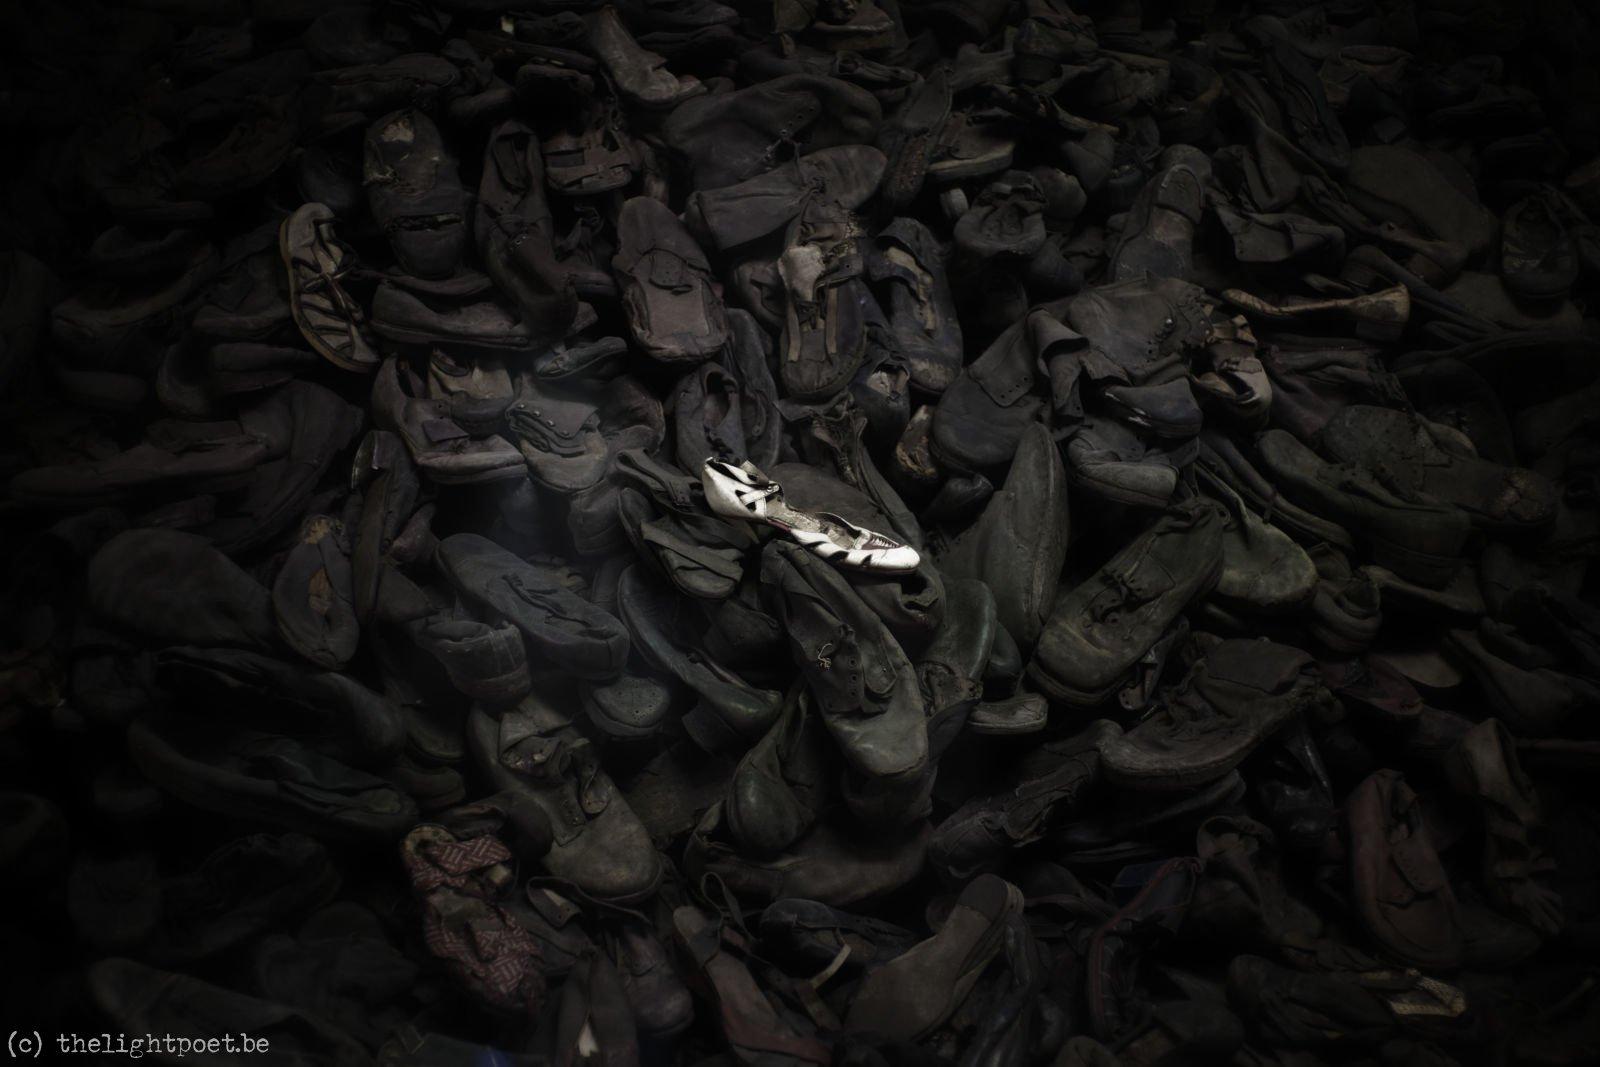 2018_06_Auschwitz_20180620_094554_DxO_PL1_1600px